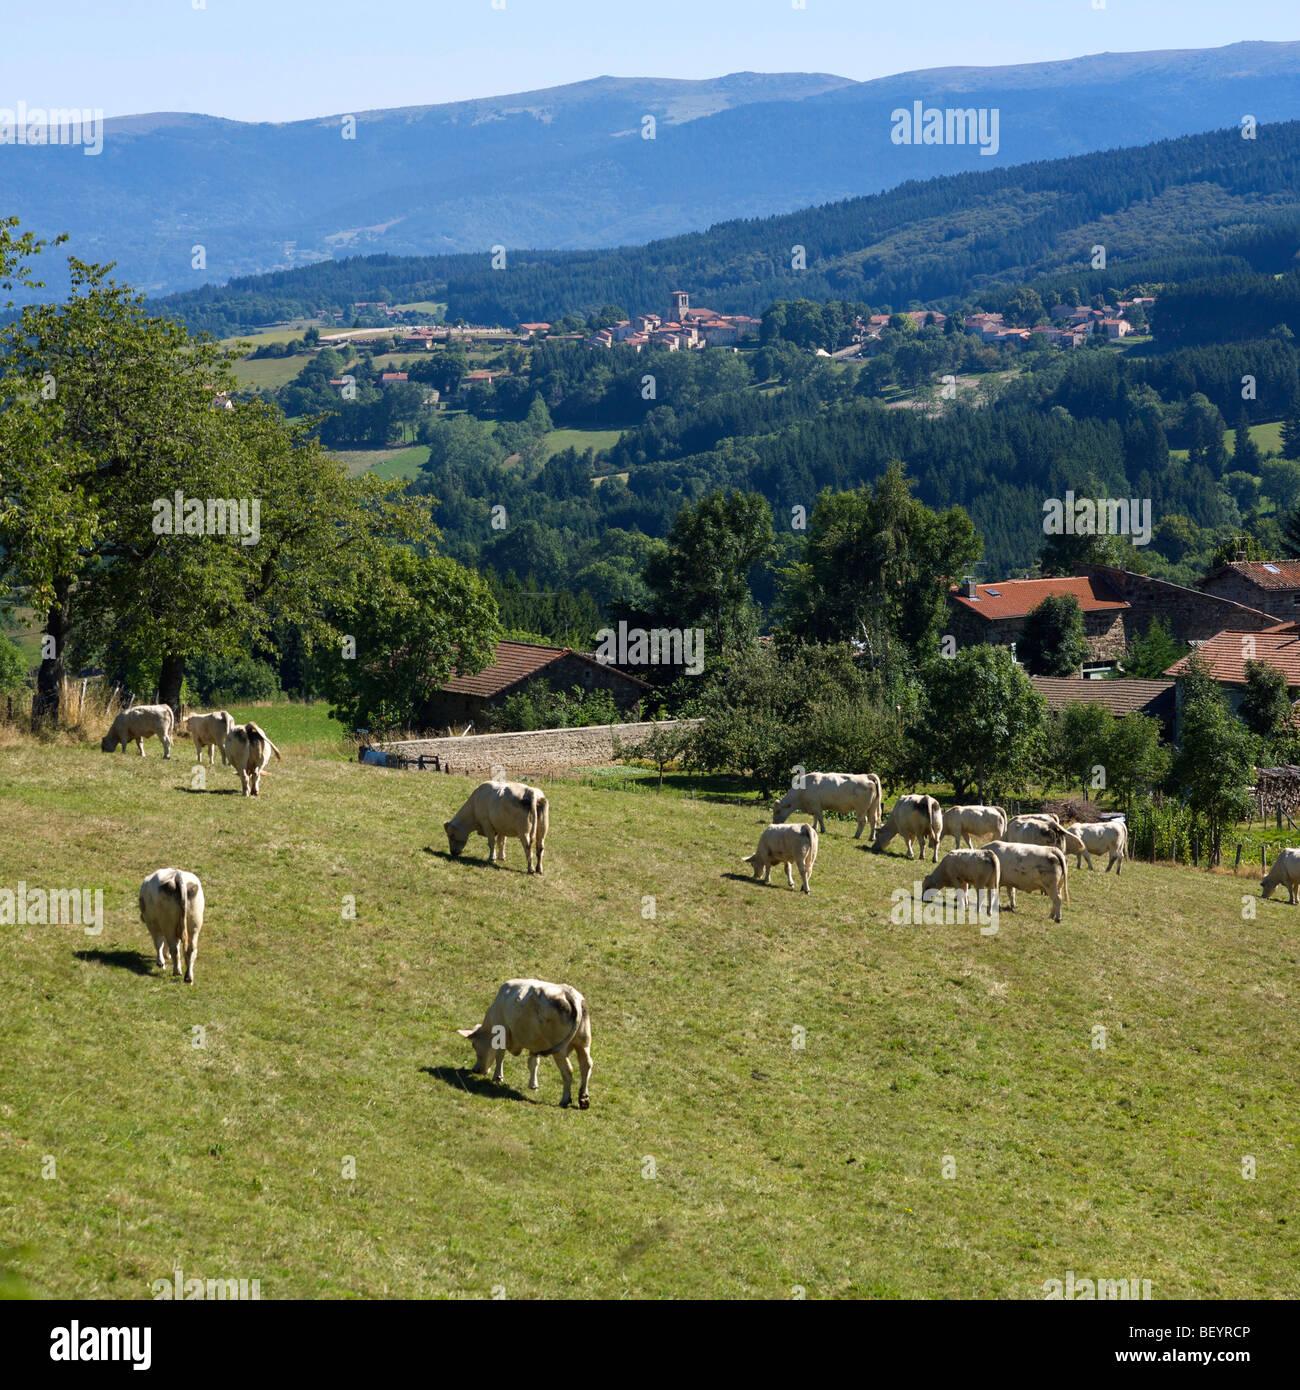 Parc naturel Régional Livradois-Forez - Village et ferme de St Amand Roche Savine, Auvergne, France. Banque D'Images